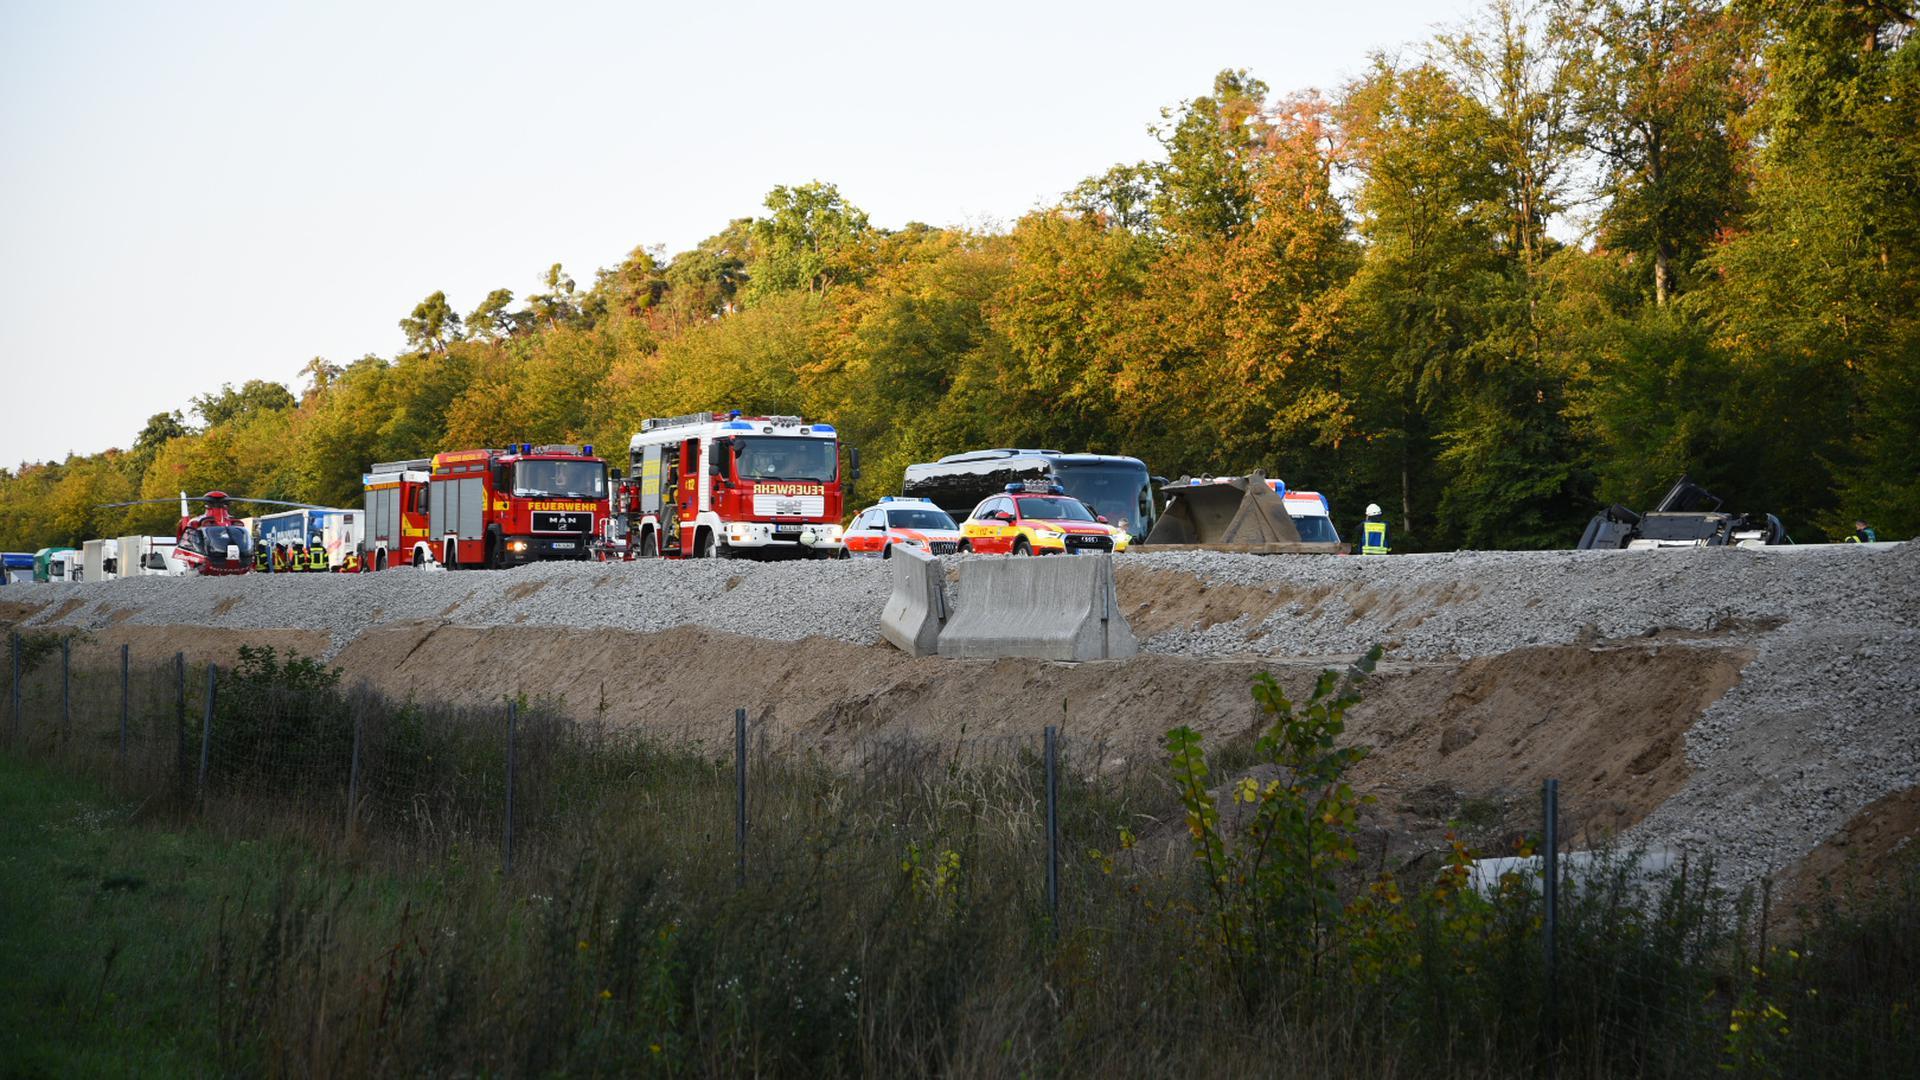 Im Baustellenbereich auf der A5 bei Kronau ist am Freitagmorgen ein Pkw verunglückt, nachdem er einen Reisebus touchiert hatte.